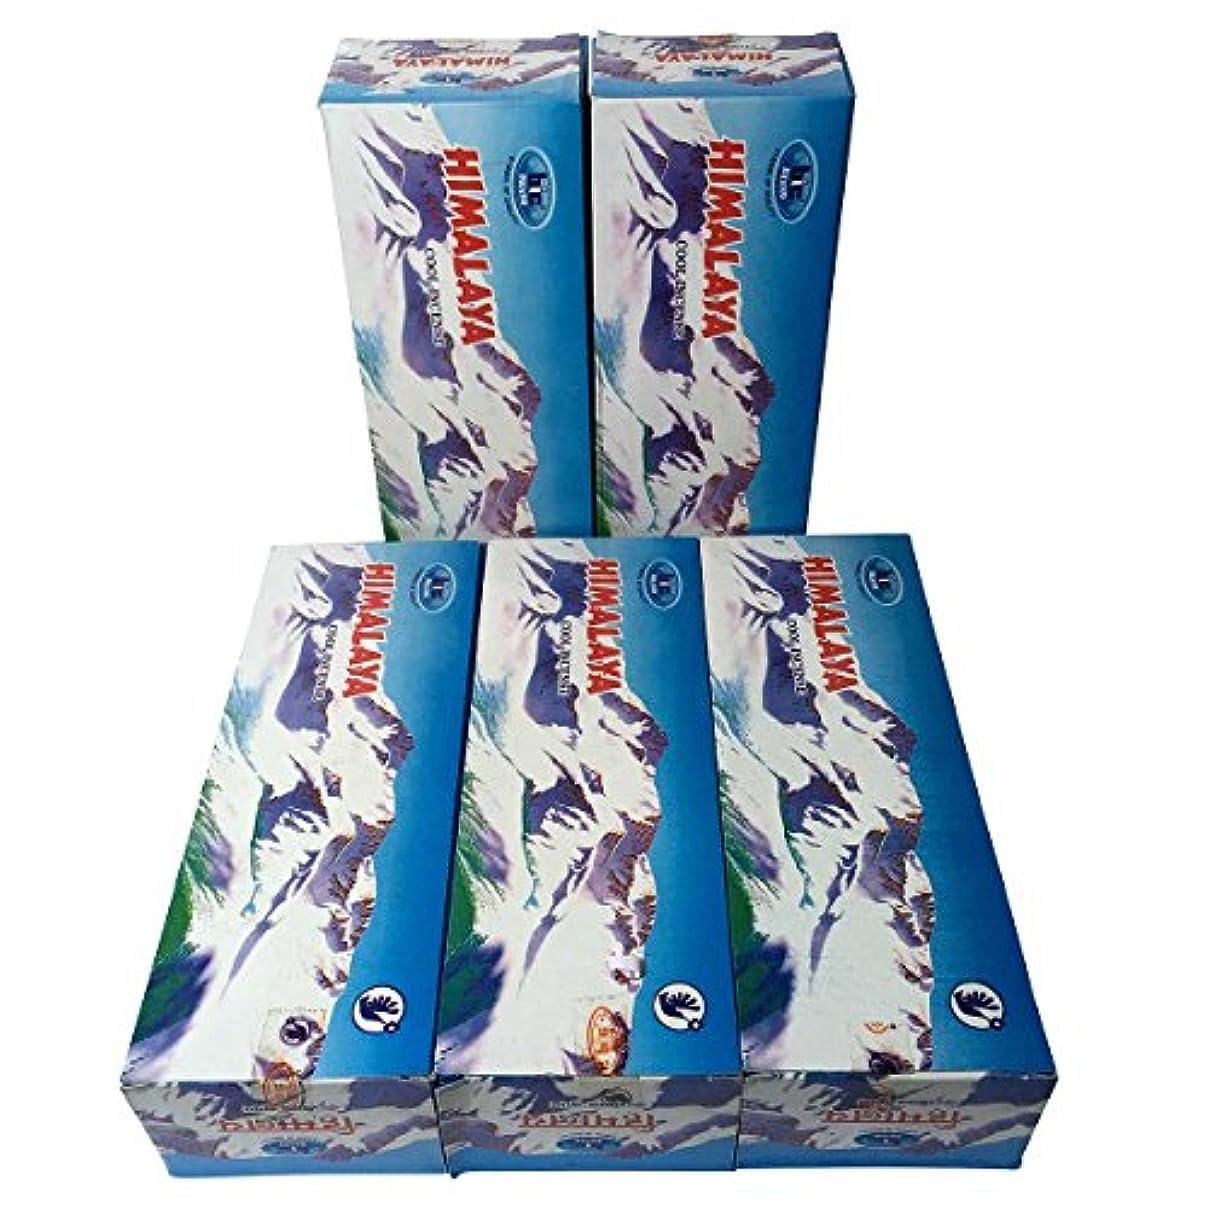 作成者薄汚い遮るヒマラヤ香スティック 5BOX(30箱)/BIC HIMARAYA/ インド香 / 送料無料 [並行輸入品]